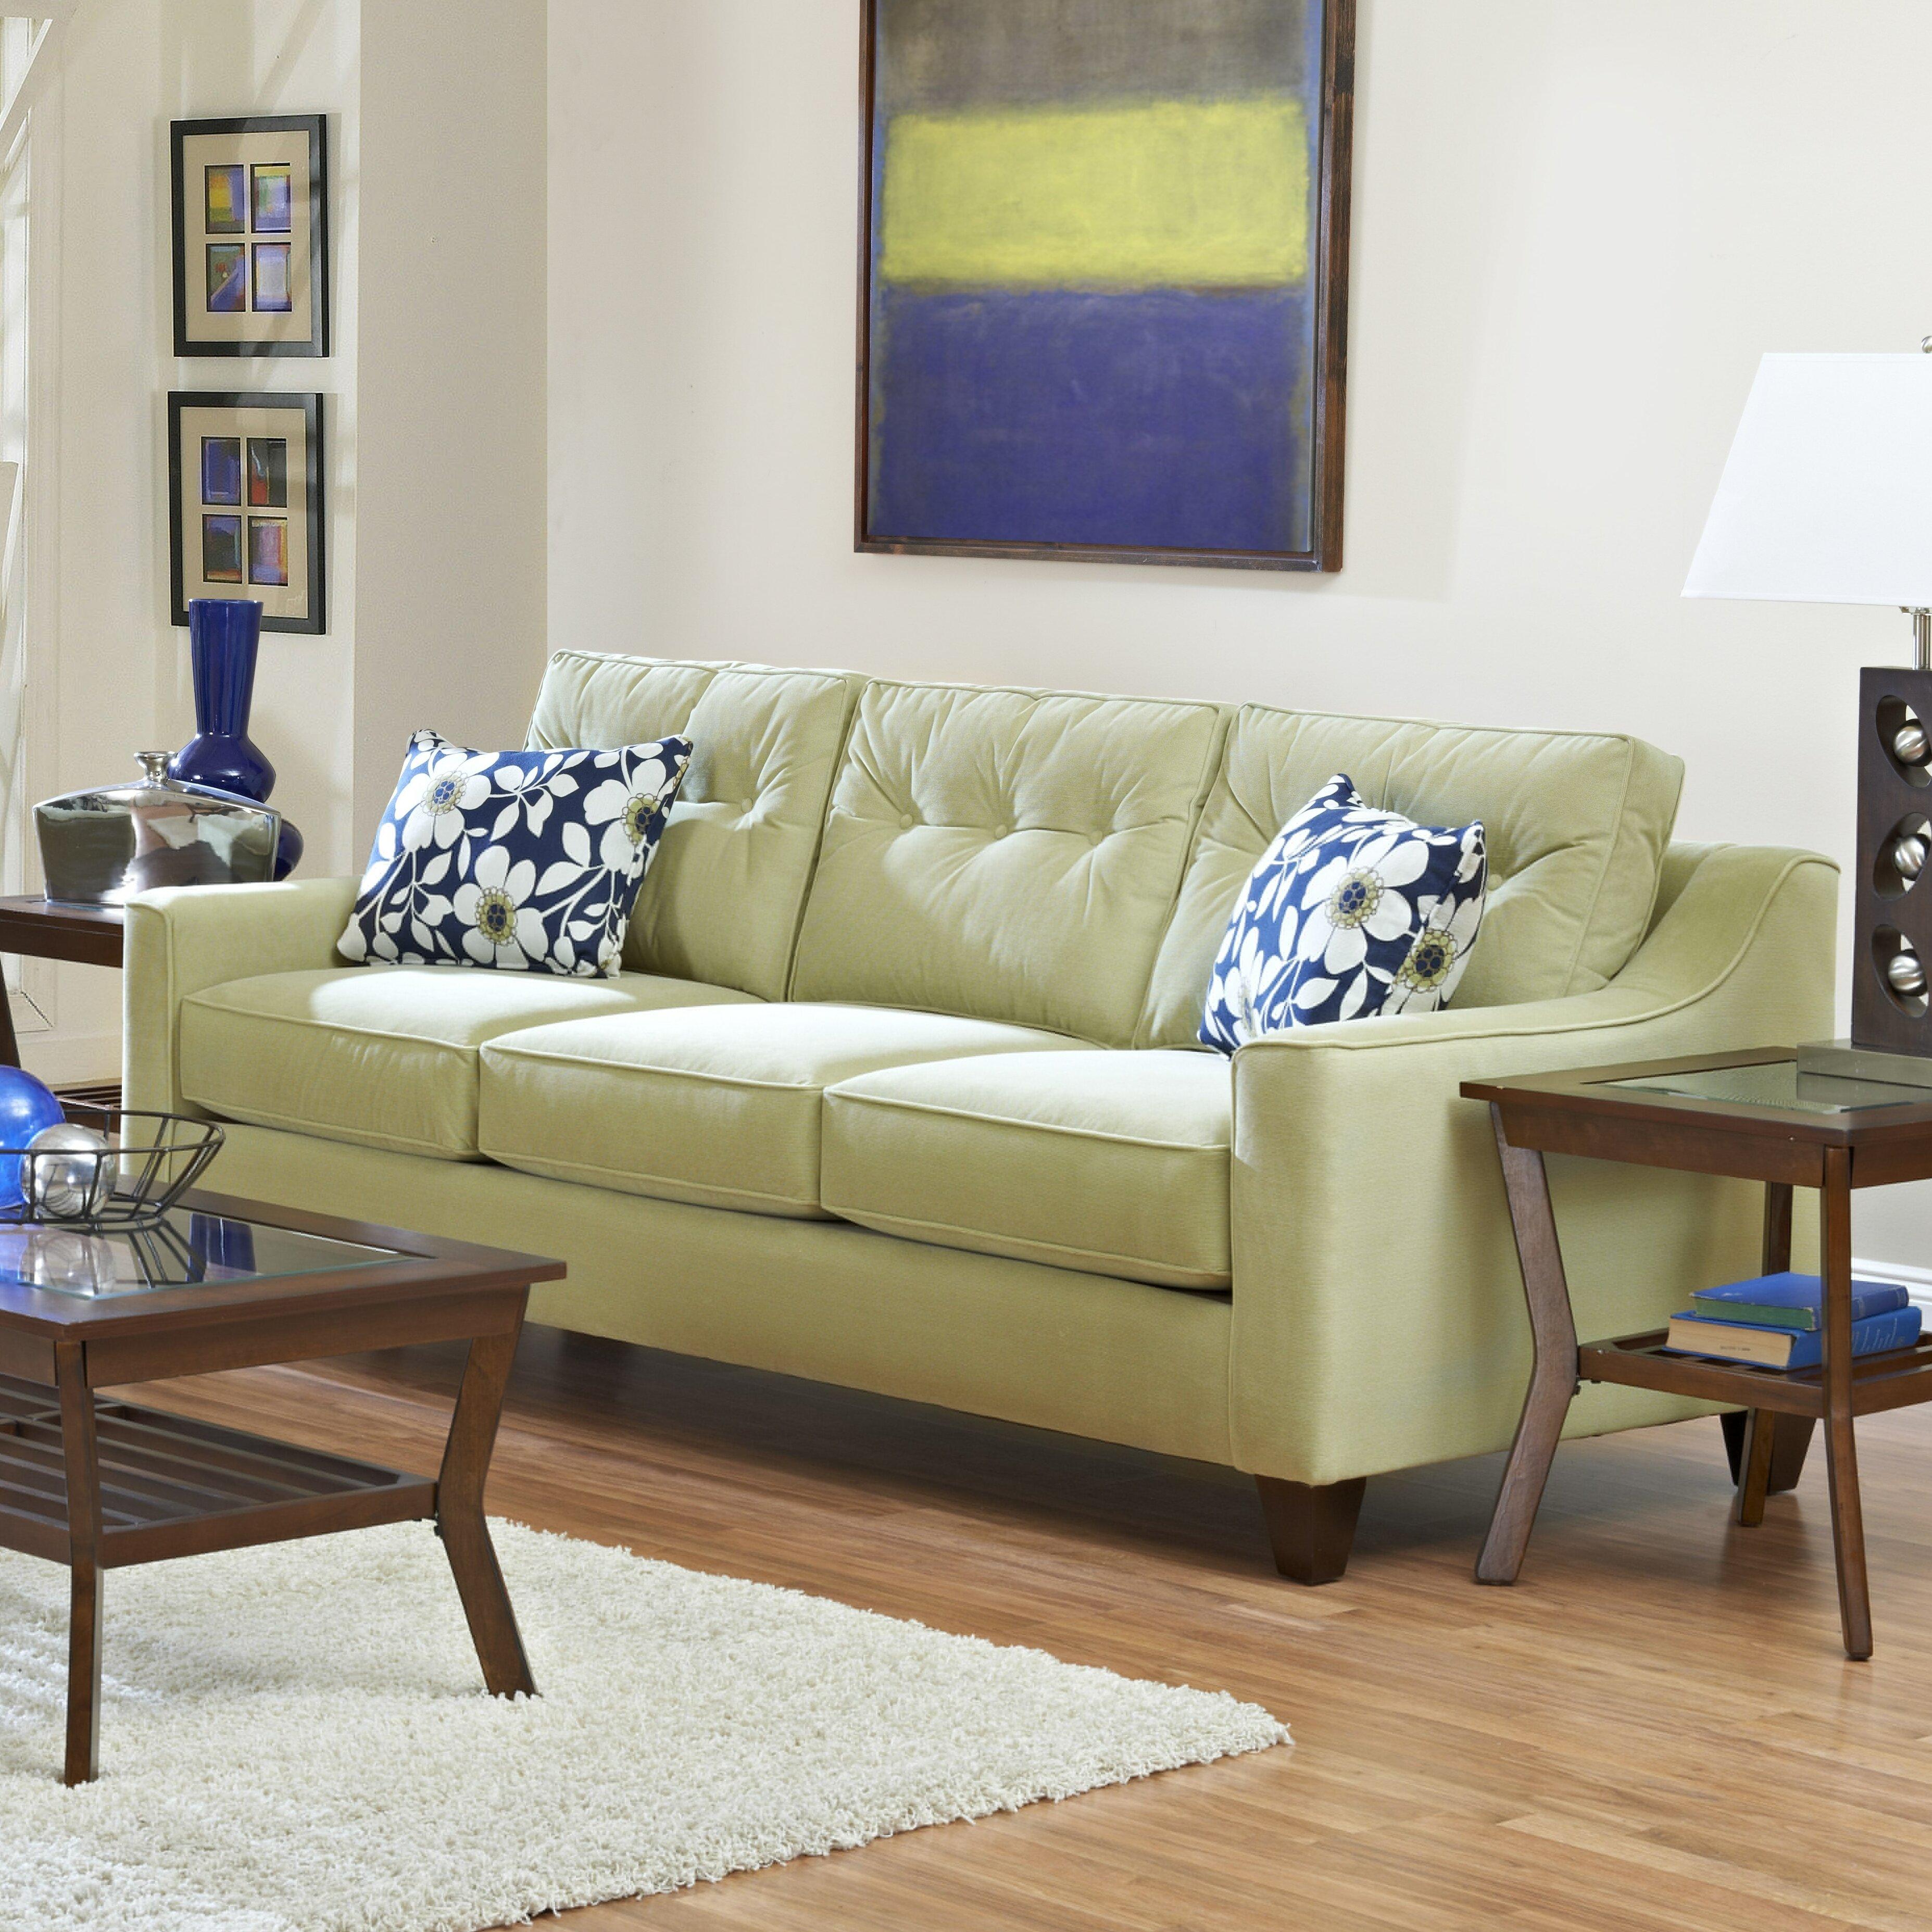 Wayfair Living Room Furniture Brayden Studio Bencomo Sofa Reviews Wayfair